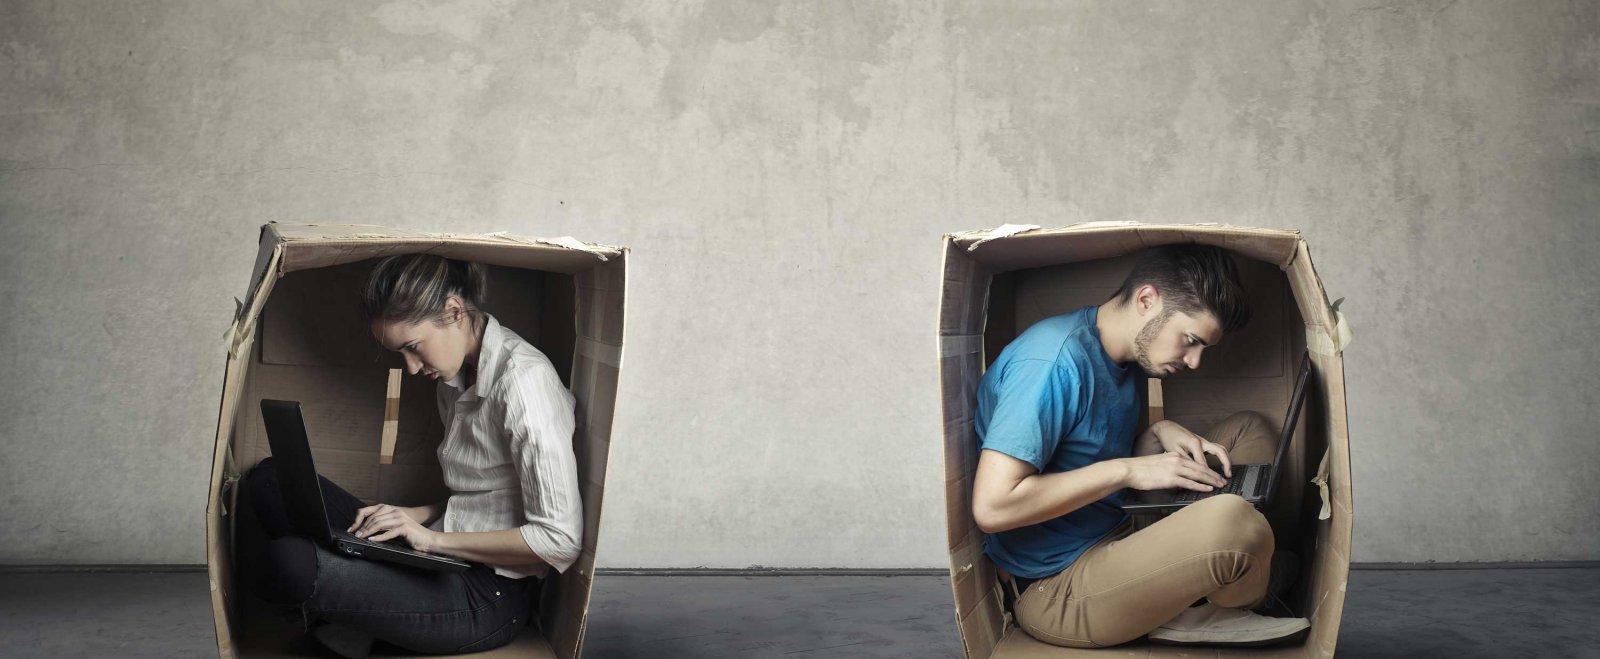 Kleingewerbe versus Kleinunternehmer